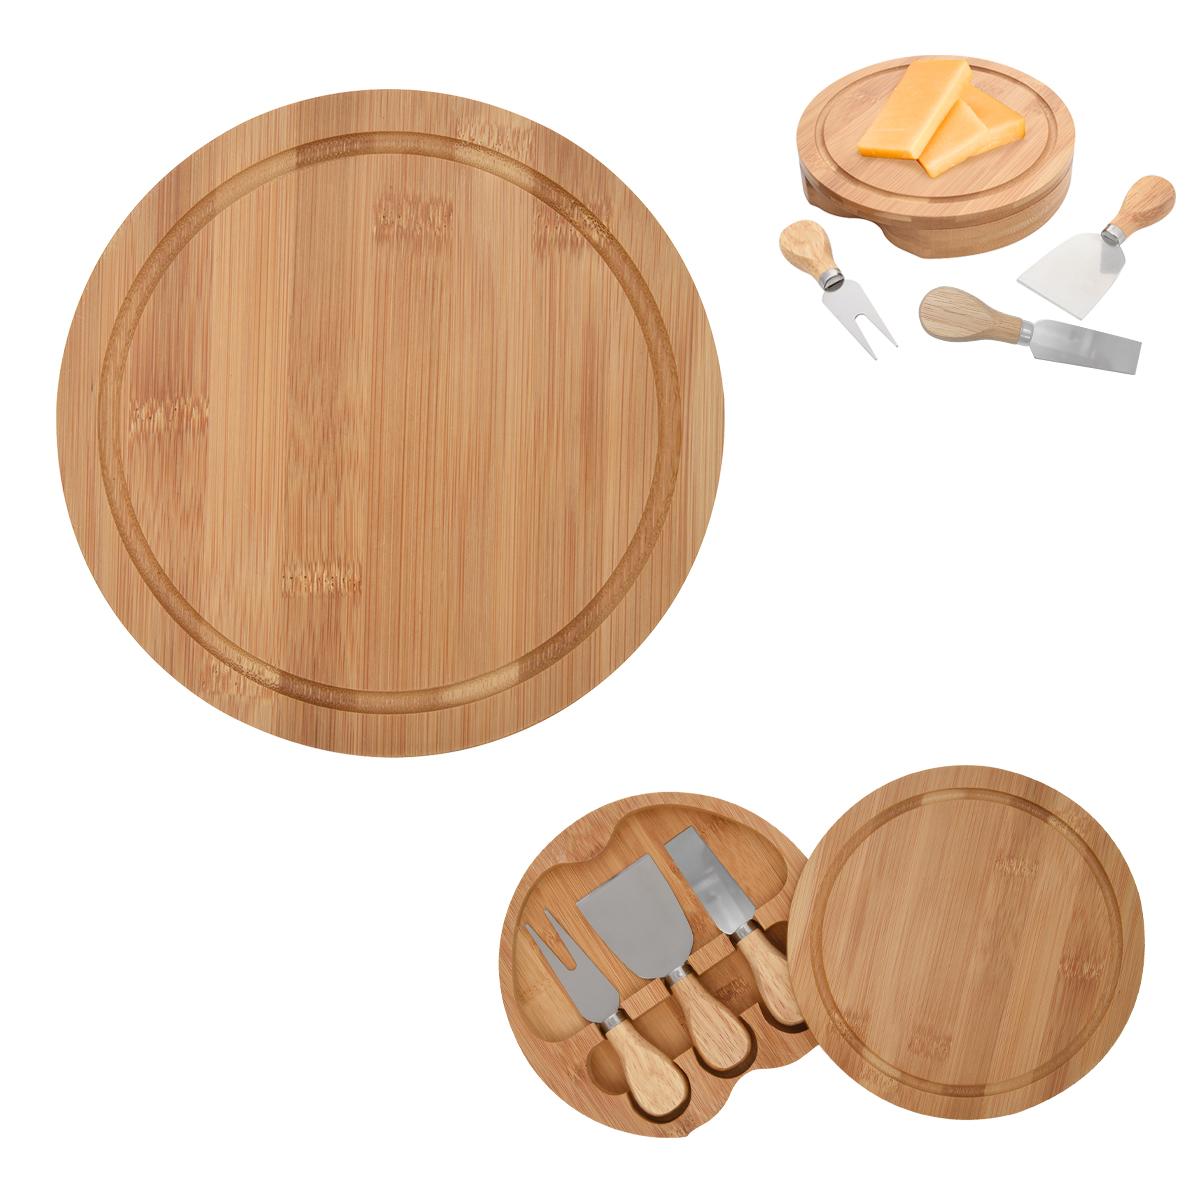 2276 - Set de 3 piezas de bambú para quesos